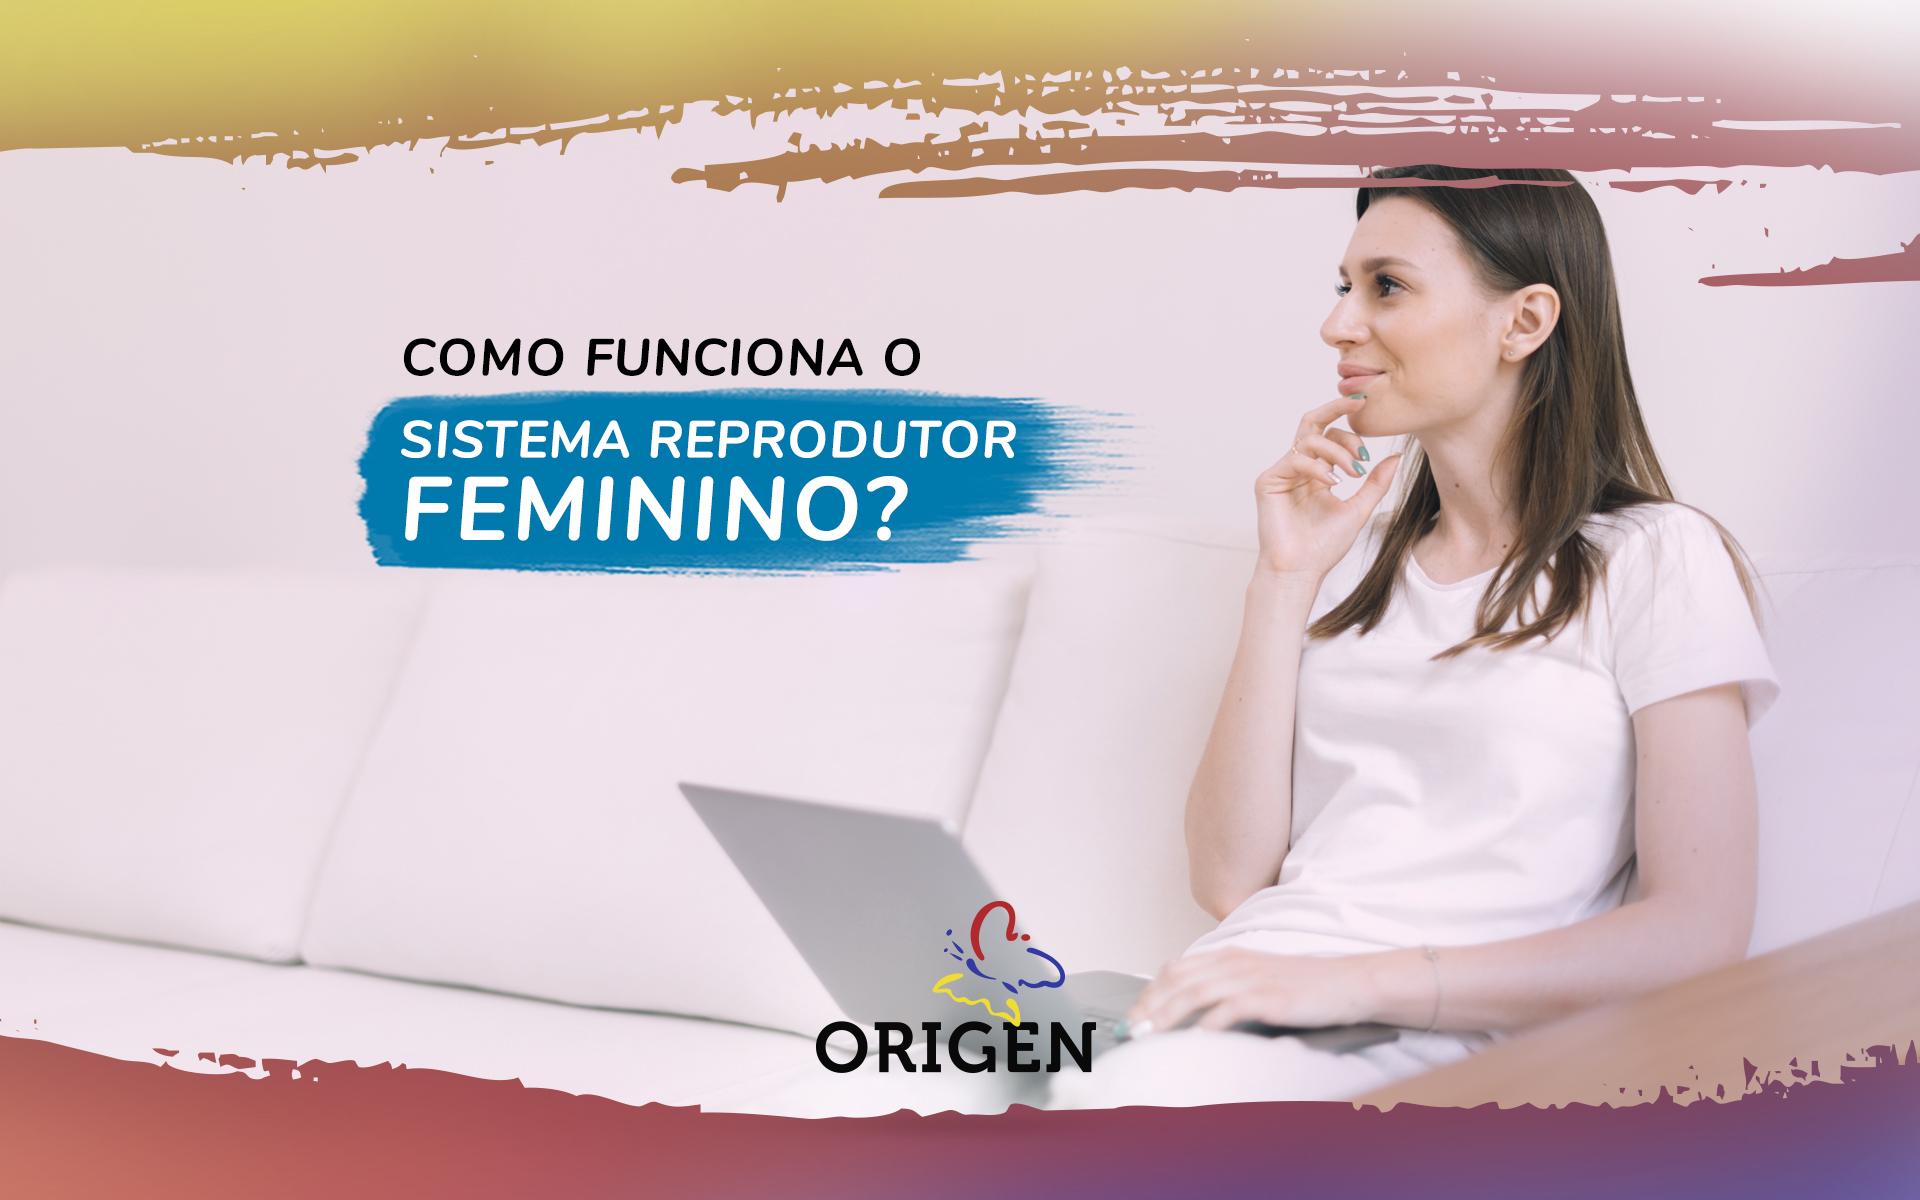 Como funciona o sistema reprodutor feminino?